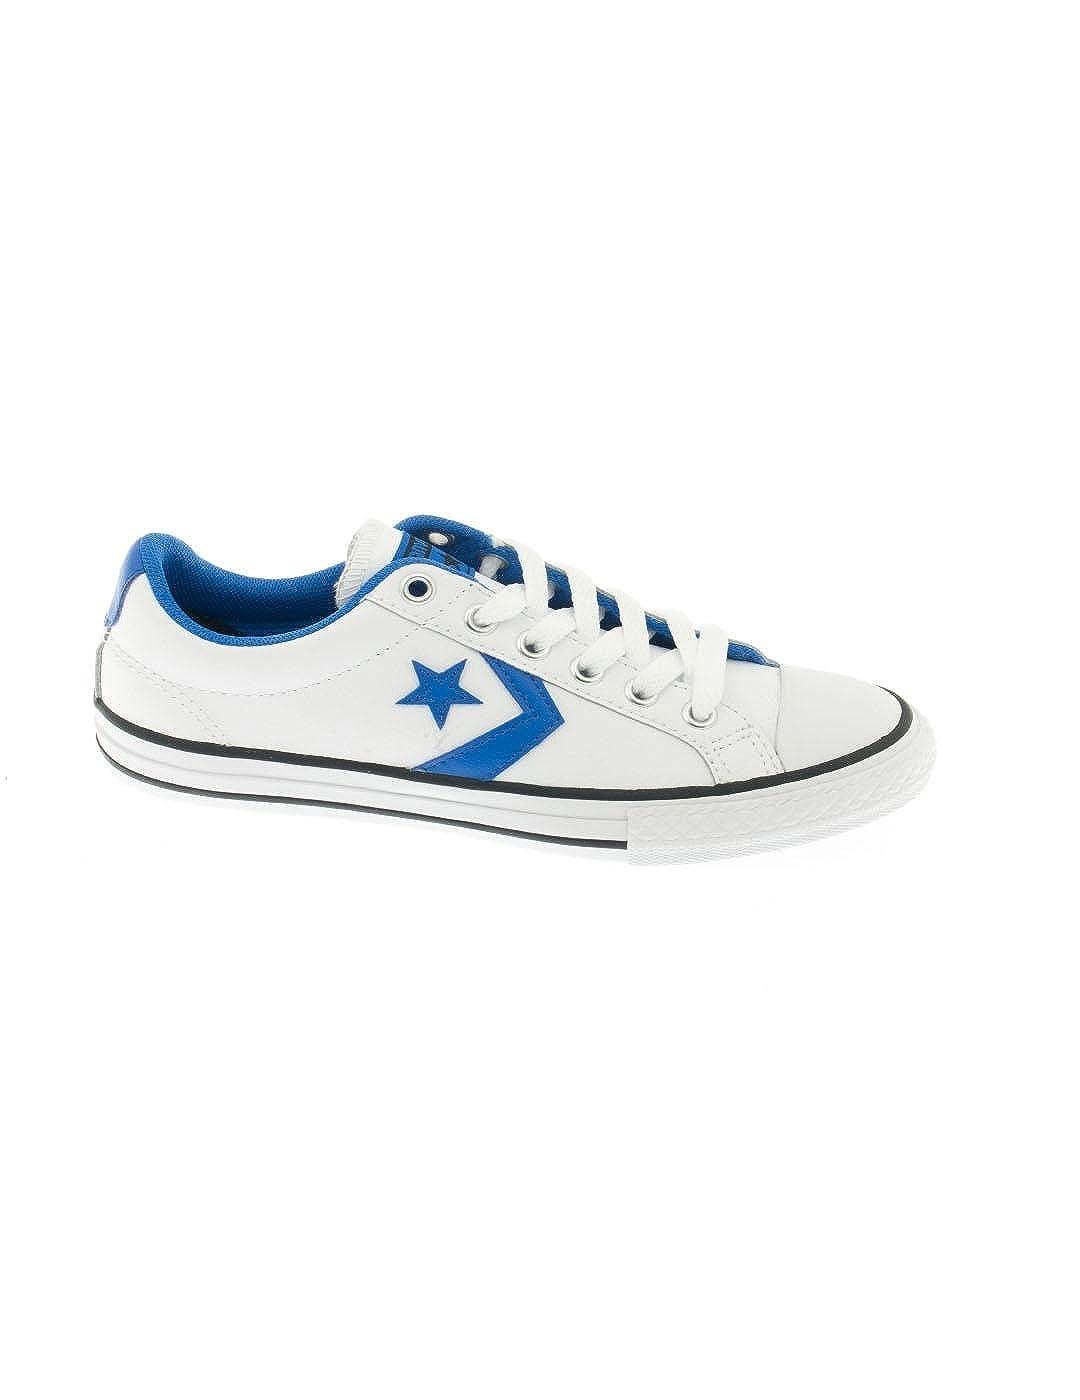 Zapatilla Converse Star Player Leather Blanca/Azul: Amazon.es: Zapatos y complementos